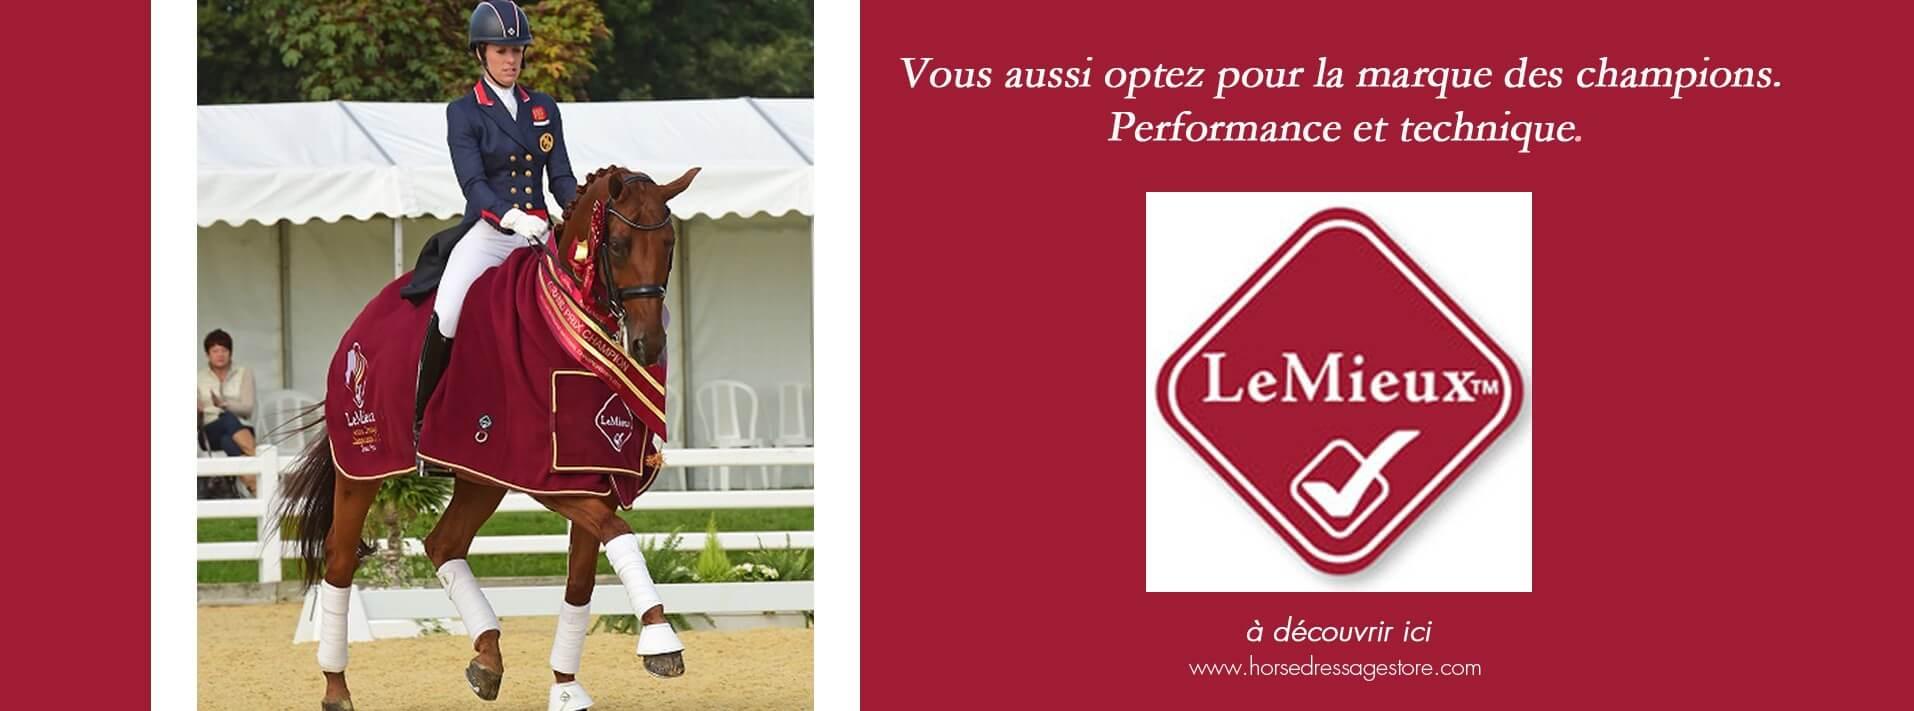 Lemieux horse products